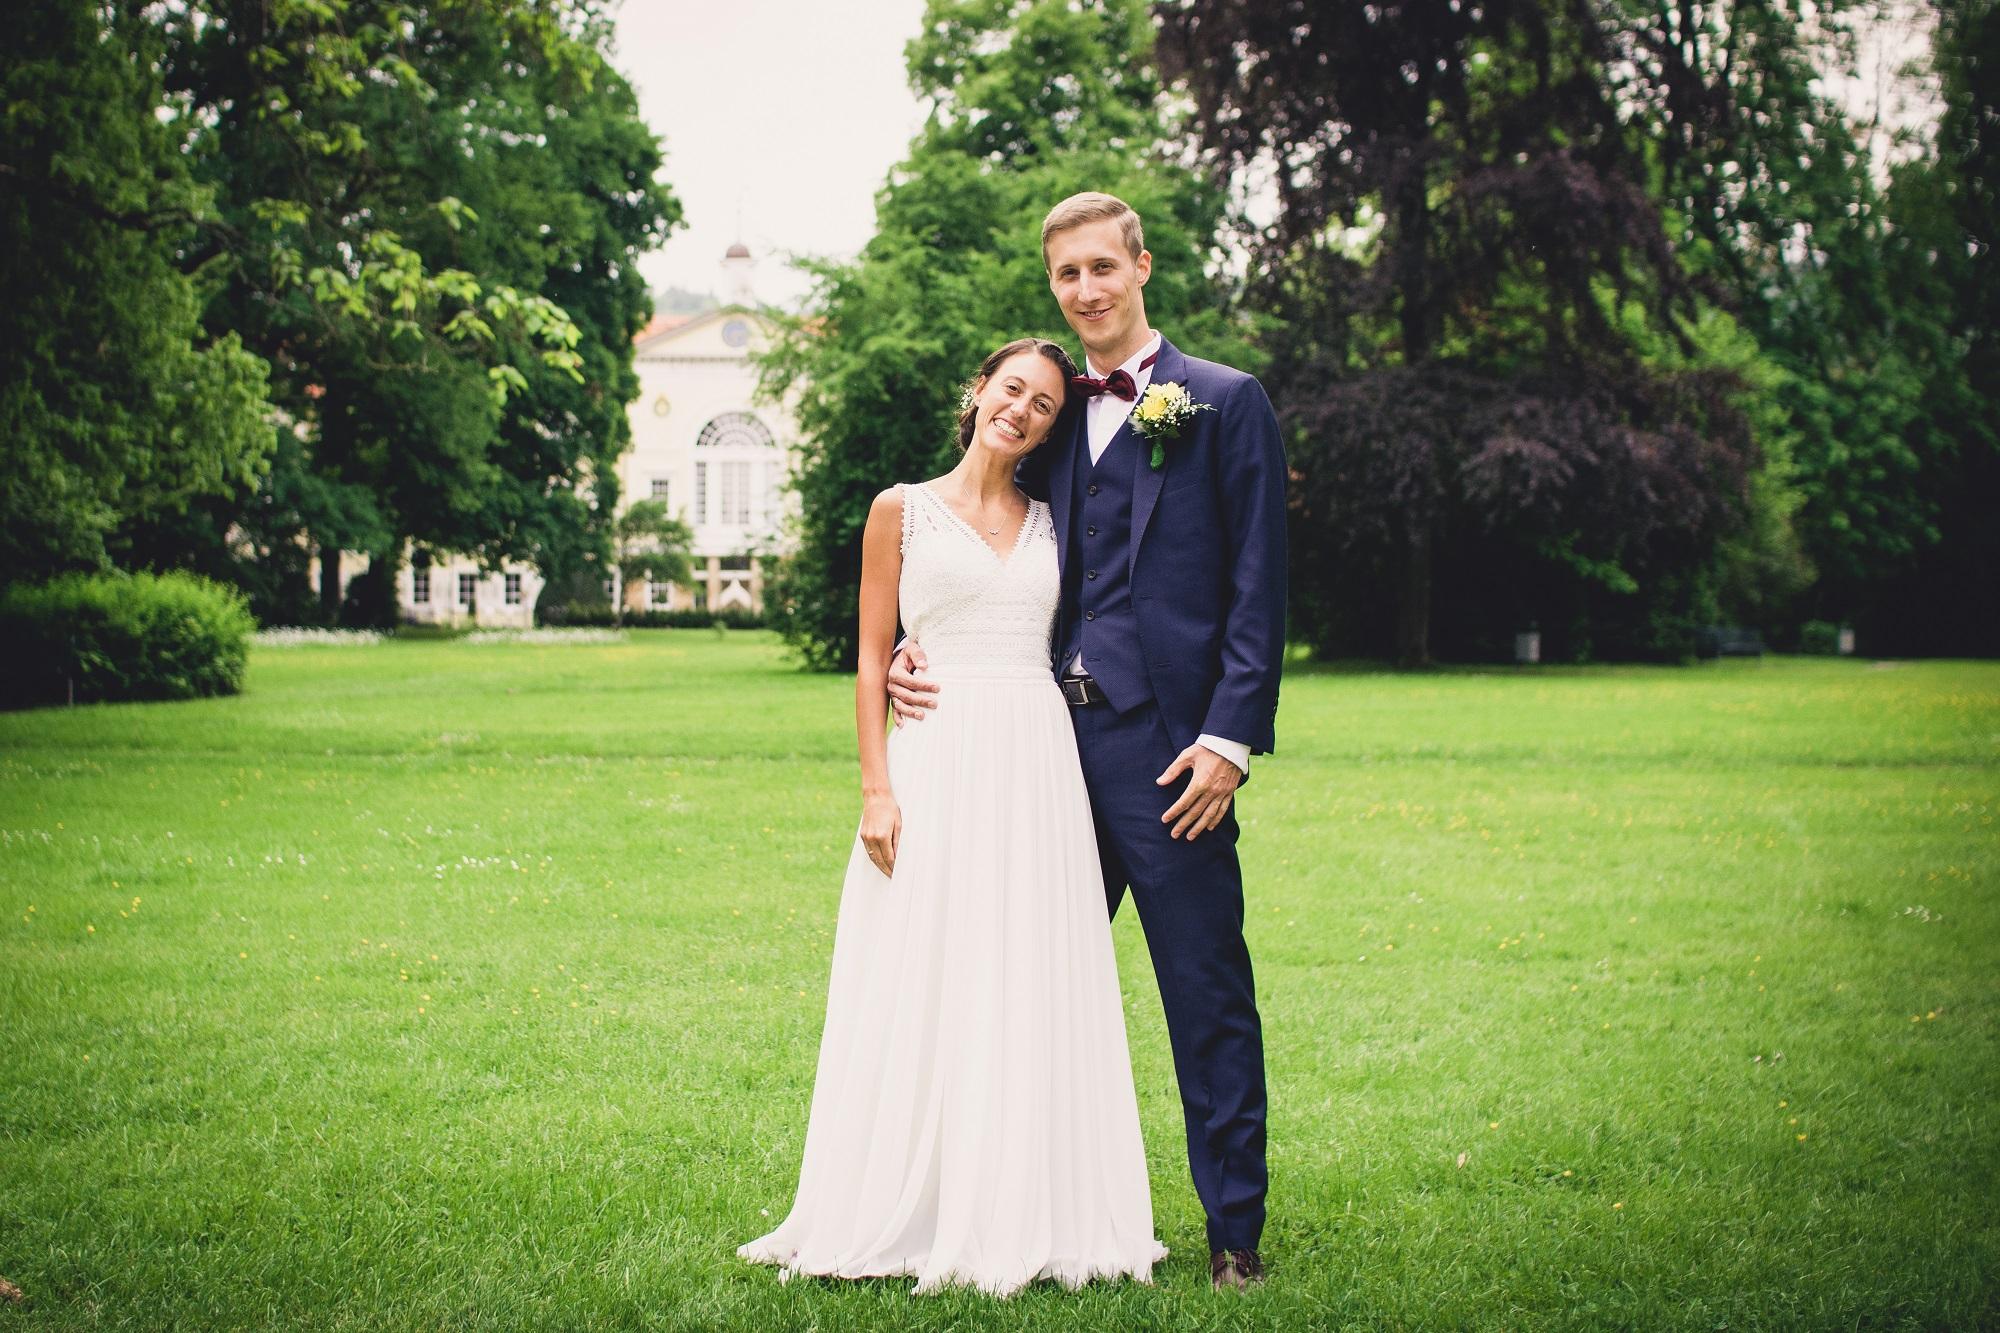 Traumhochzeit Dream Wedding Mariage Reve Kuhnograph